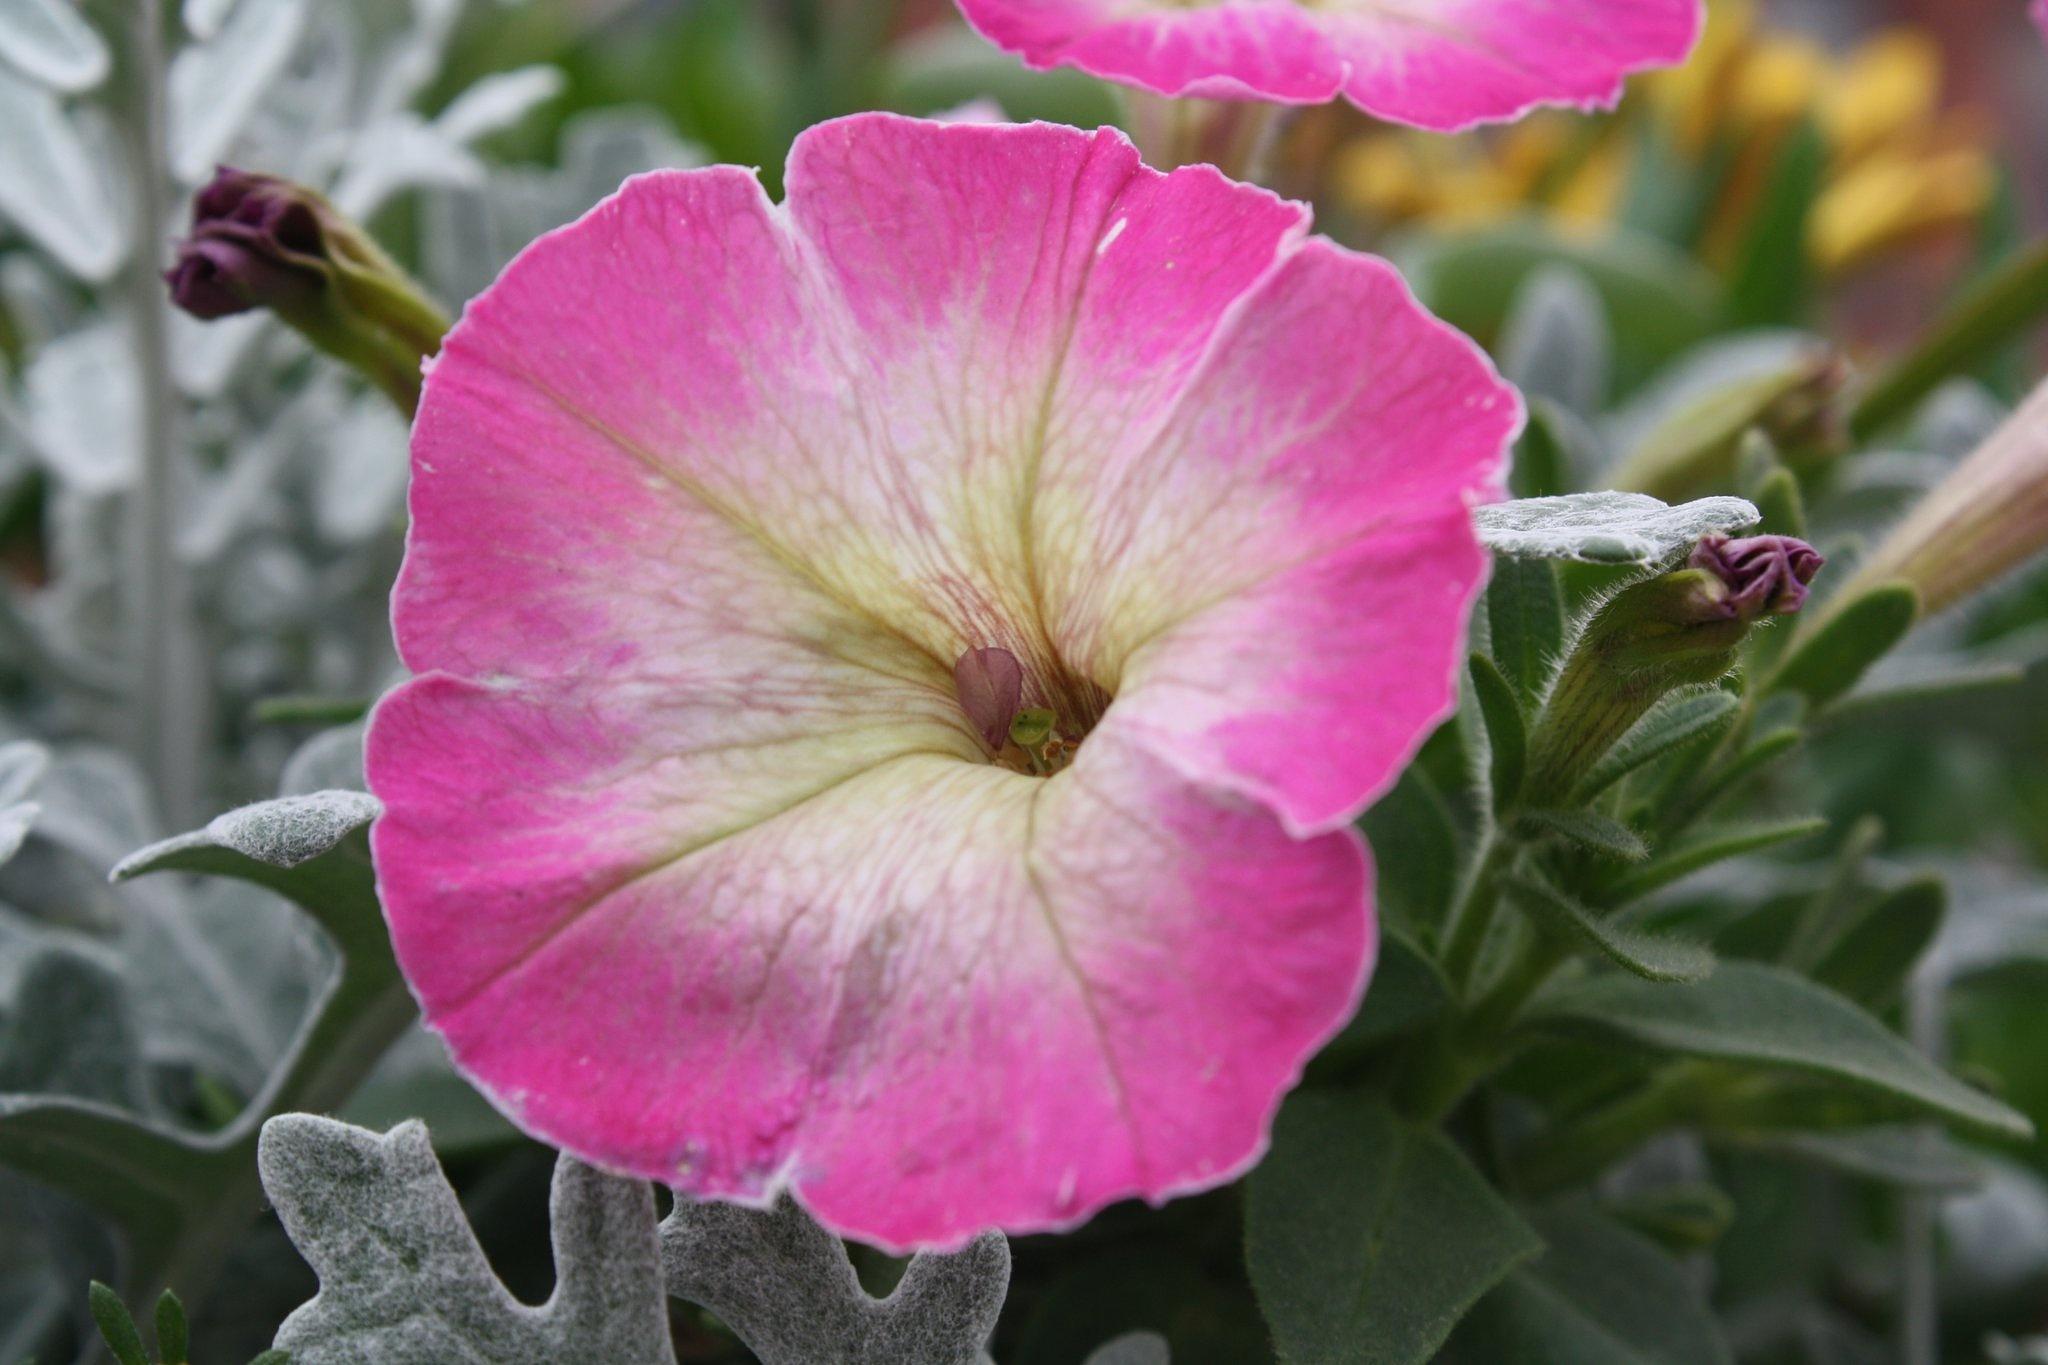 A Flower by shawn lynch